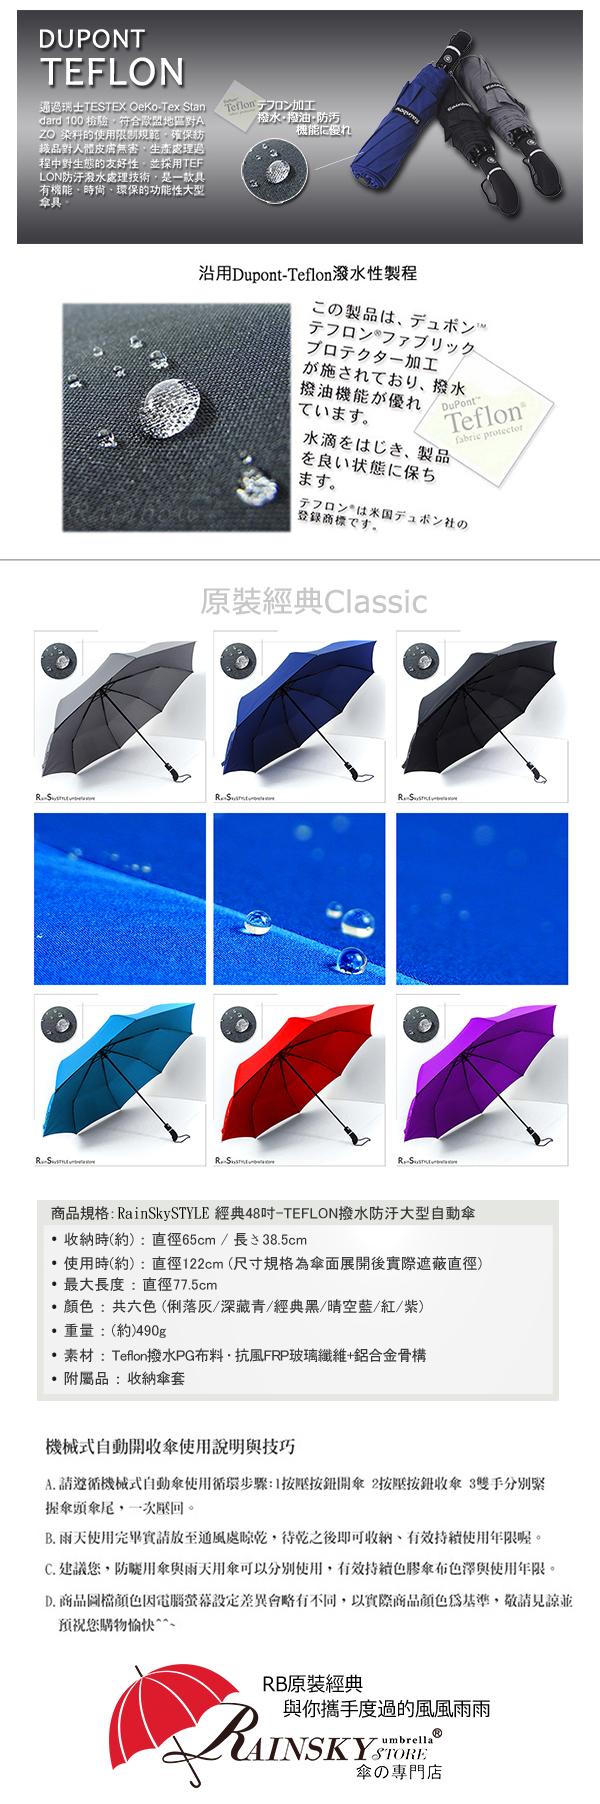 #自動傘 #防風傘 #雨傘 #陽傘 #洋傘 #三折傘 #折疊傘 #大傘 #撥水傘 #機能傘 #晴雨傘 #抗UV傘 #防曬傘 #傘 #摺疊傘 #大型傘 #機能自動傘 #超大傘